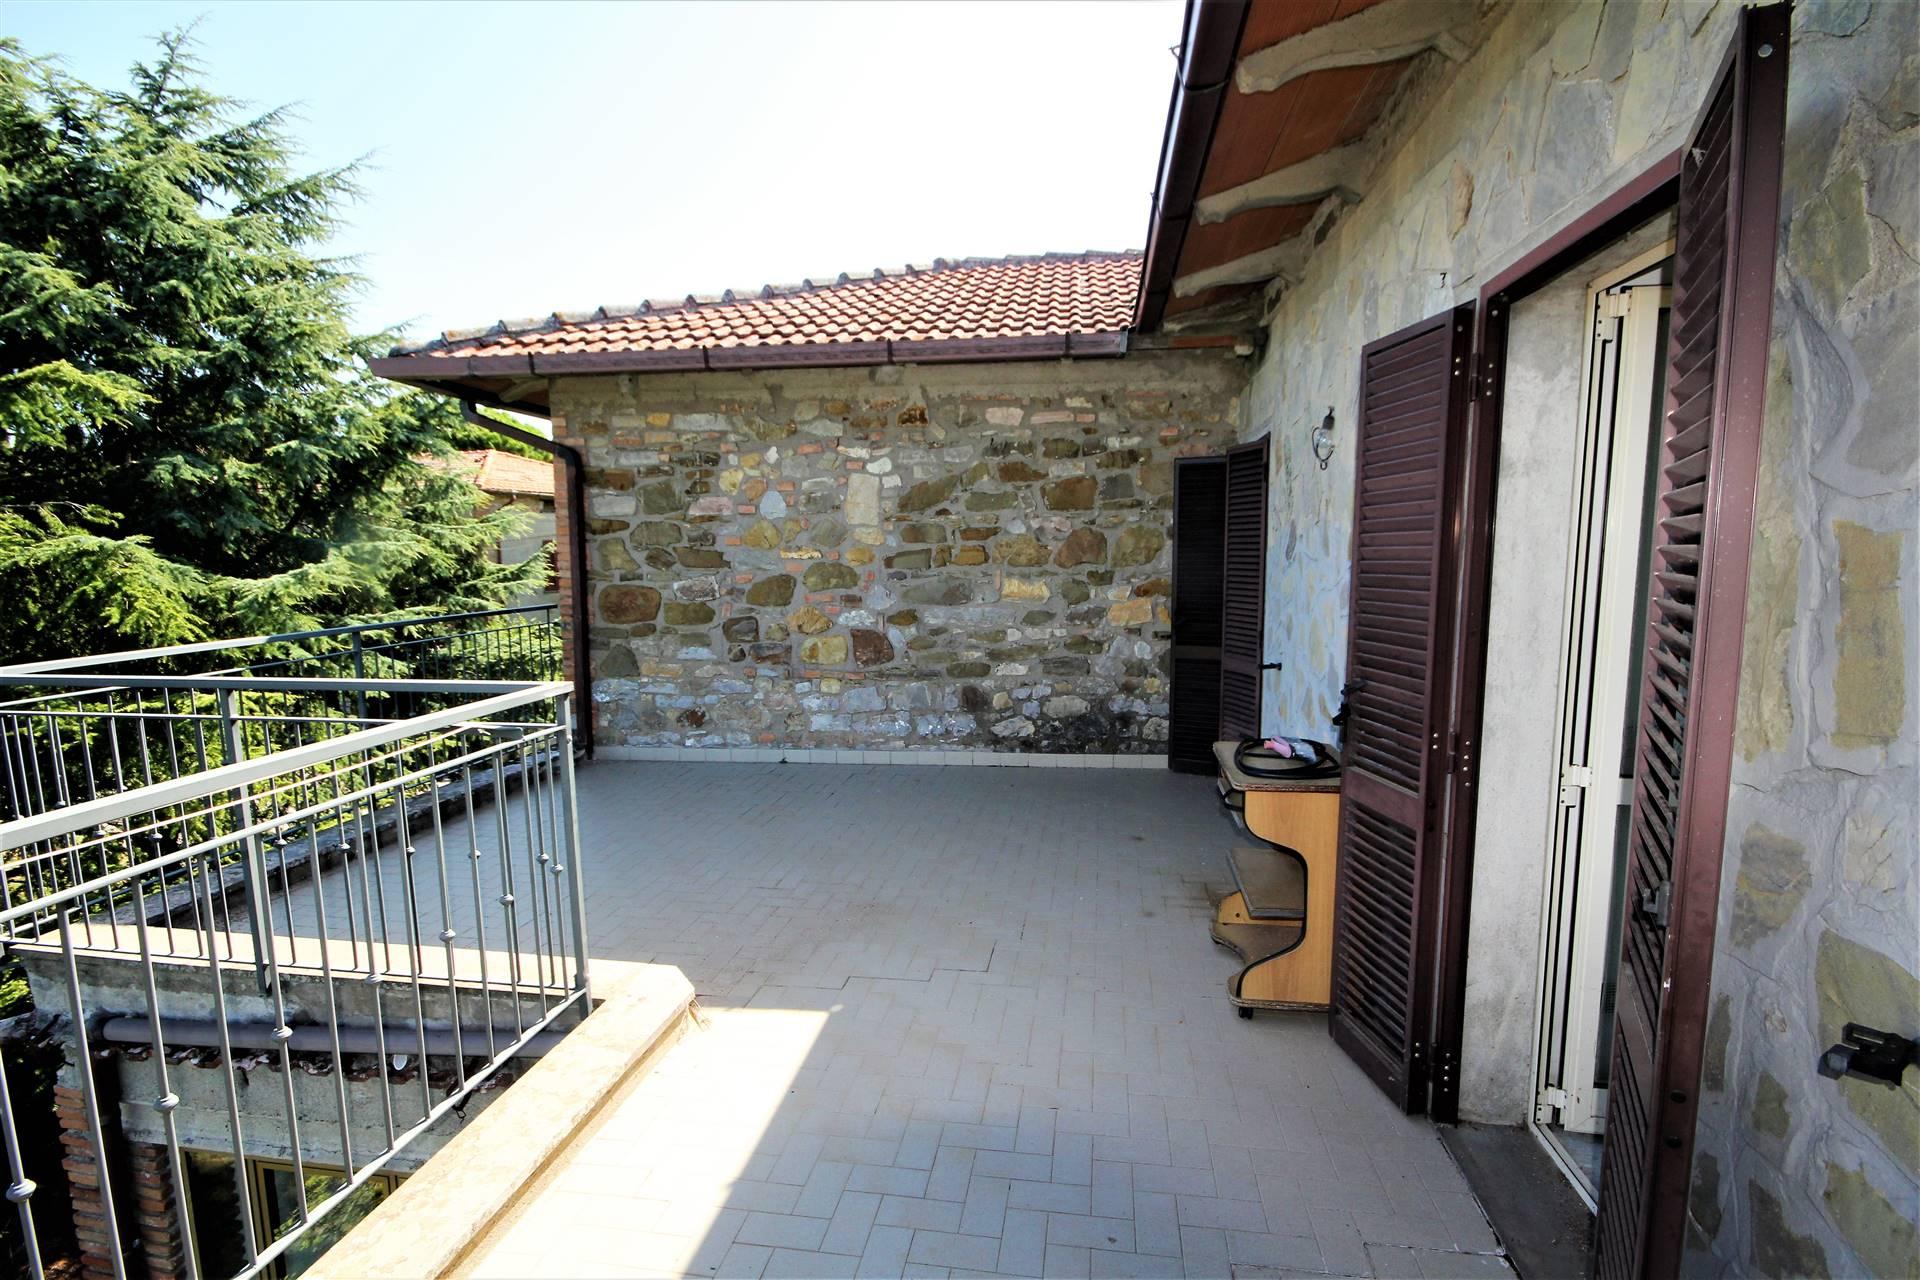 Appartamento in vendita a Parrano, 7 locali, zona one, prezzo € 130.000 | PortaleAgenzieImmobiliari.it